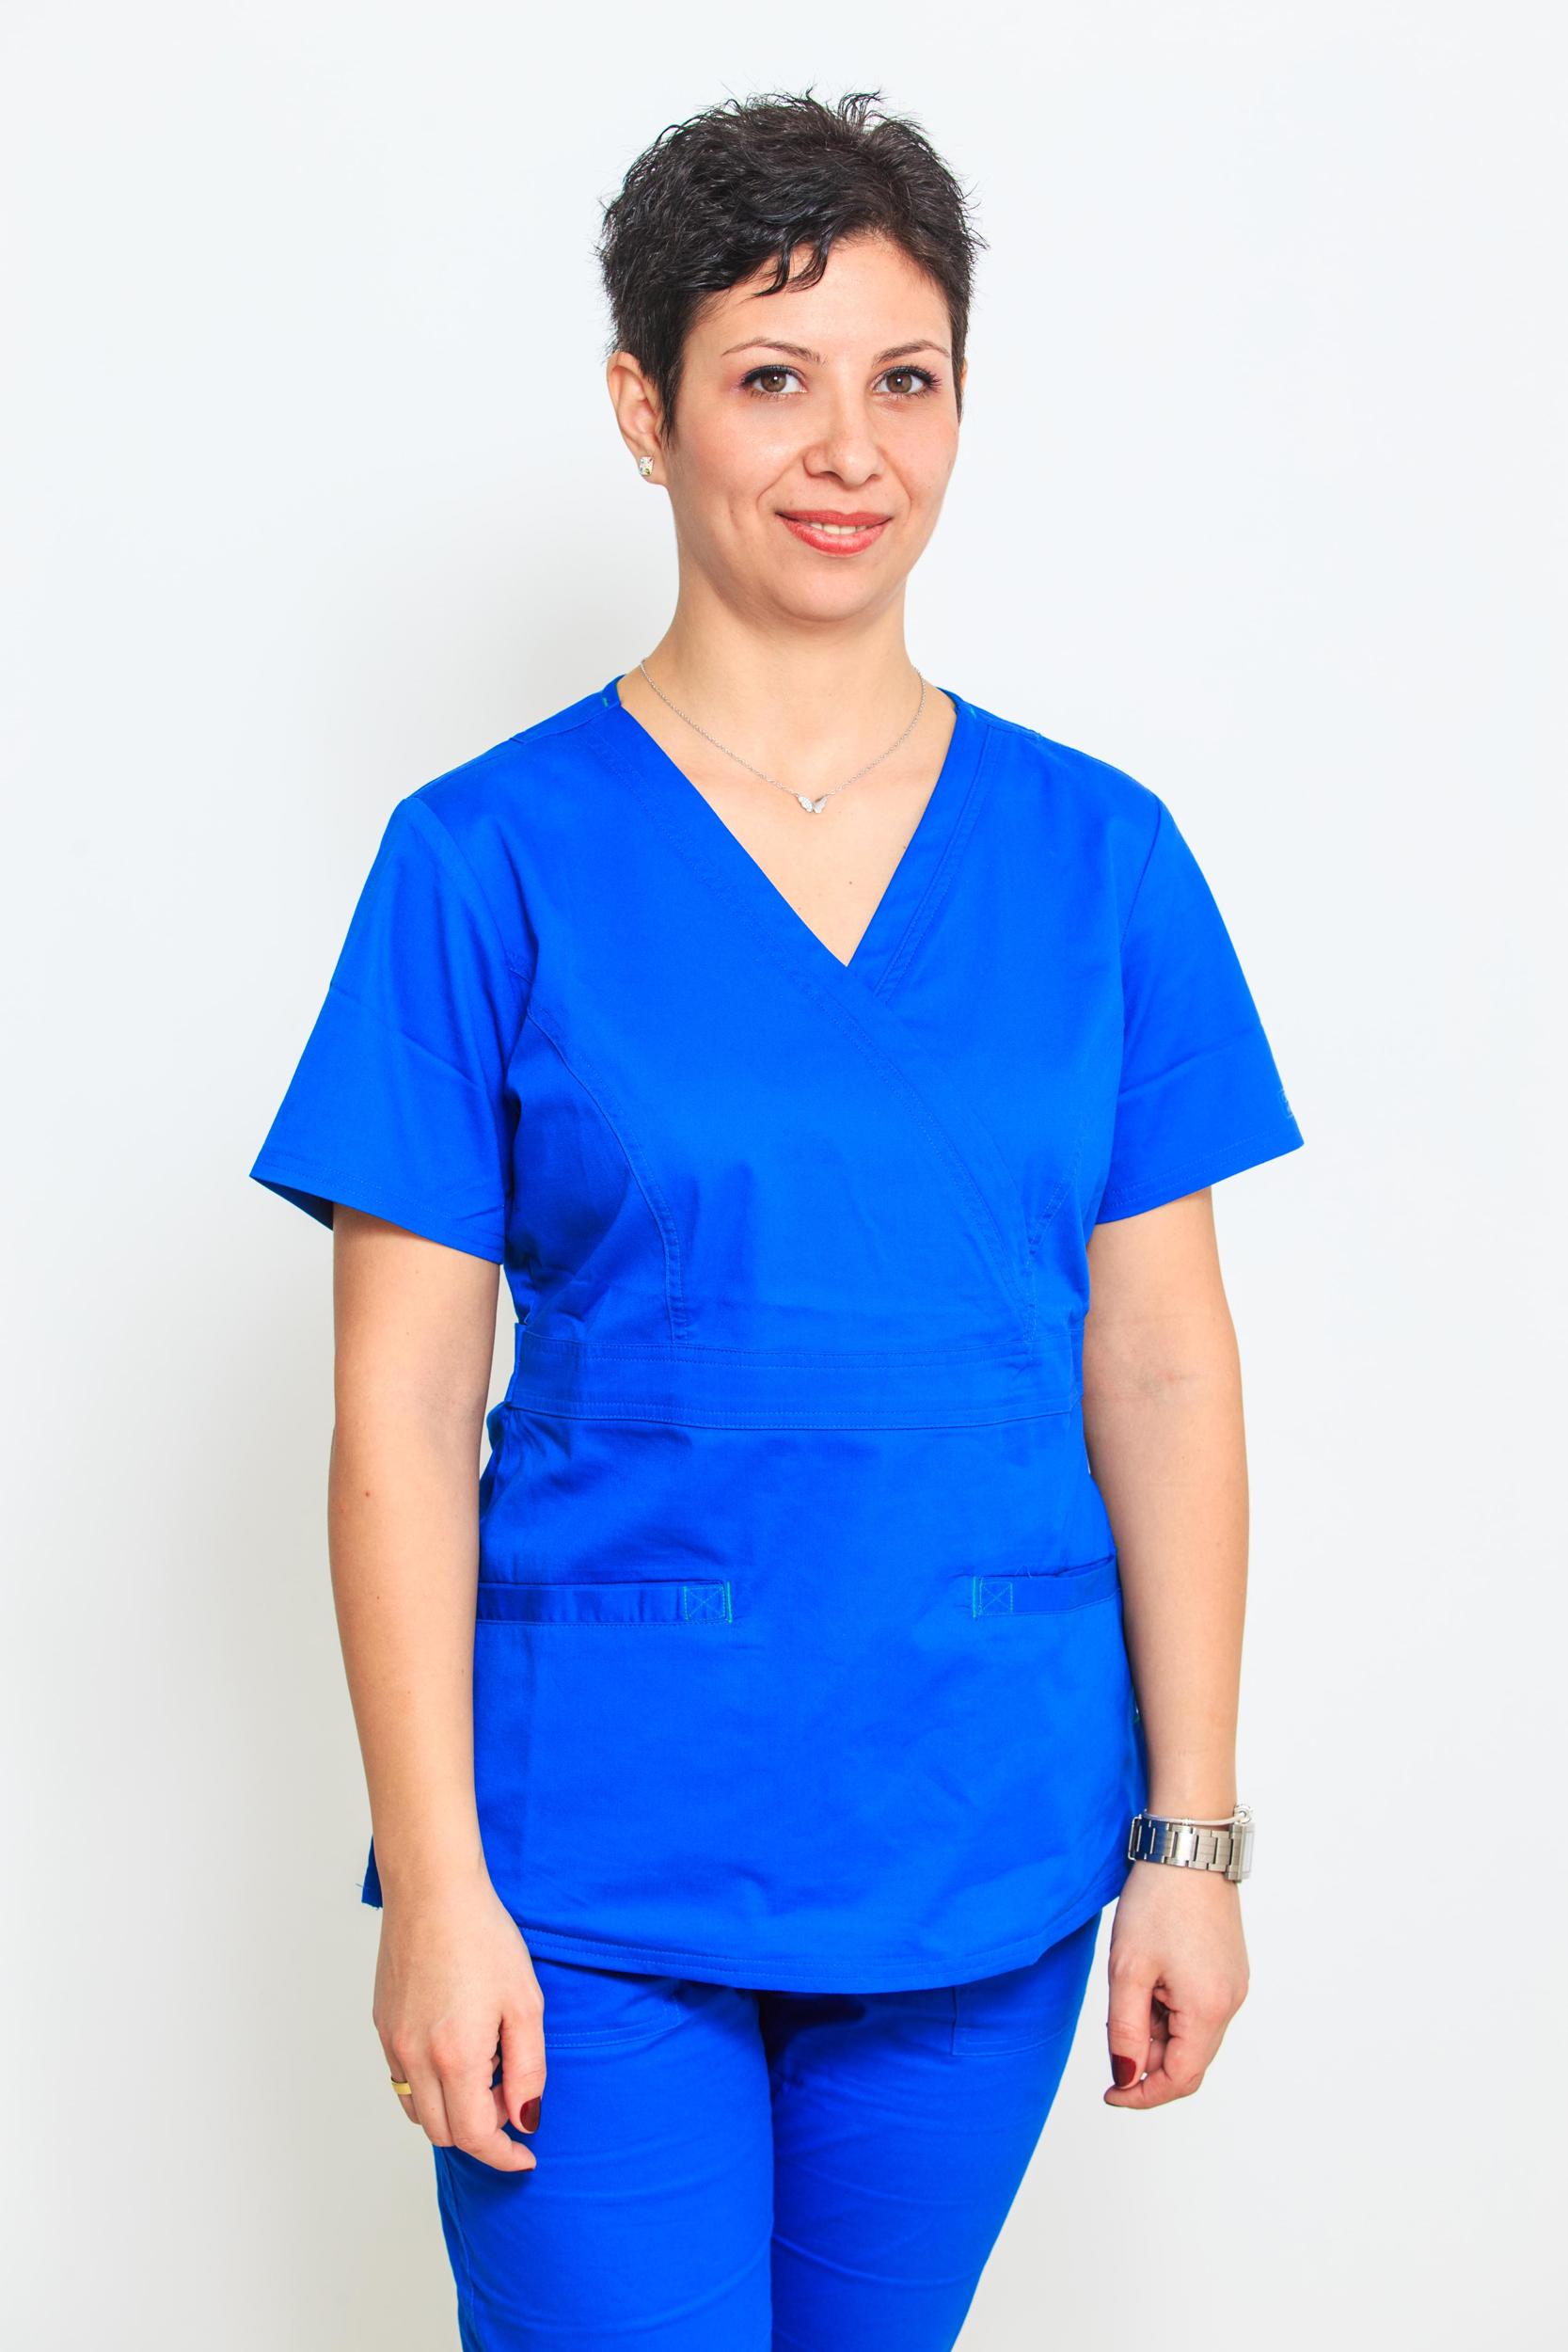 Dr Iasmin Jarjour